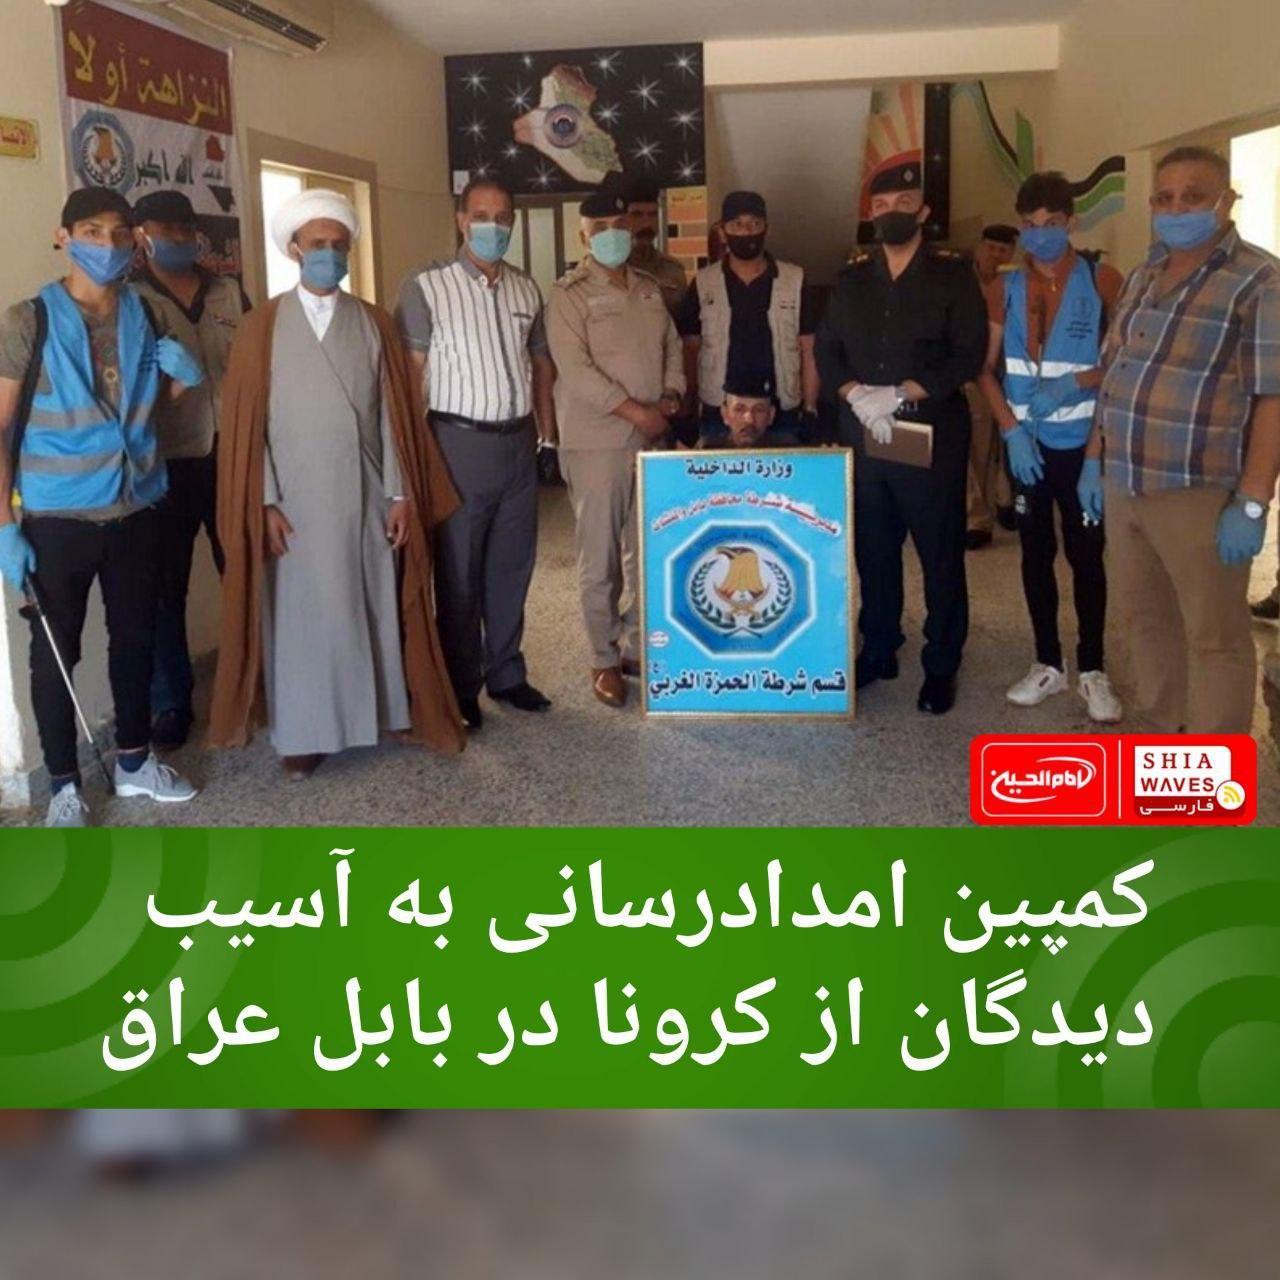 تصویر کمپین امدادرسانی به آسیب دیدگان از کرونا در بابل عراق